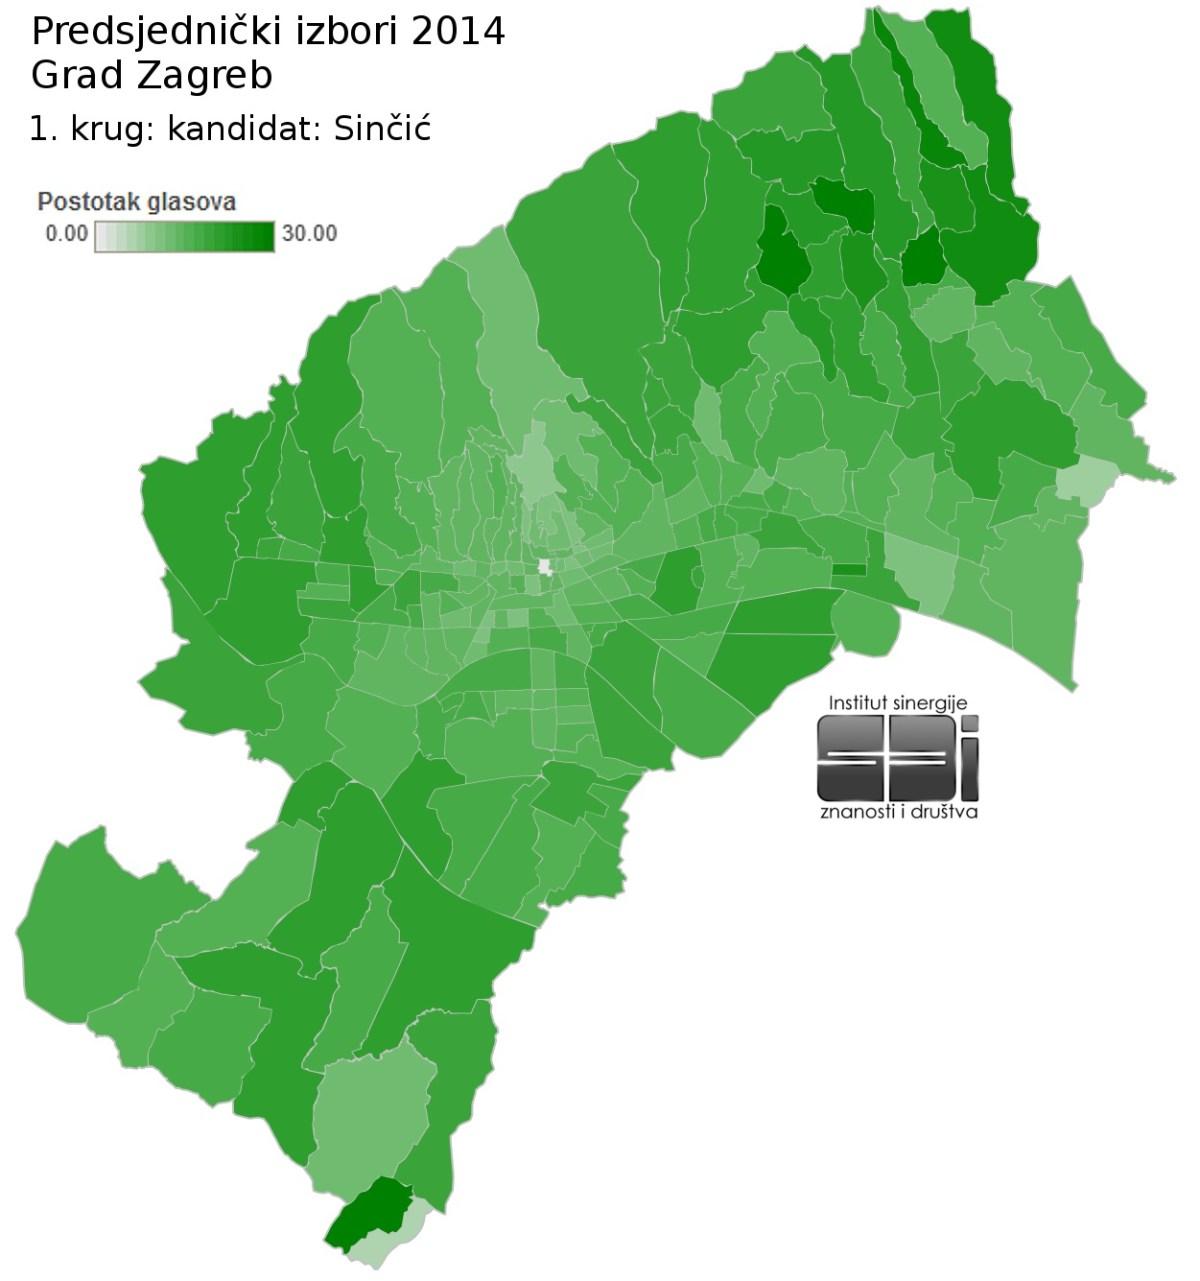 rezultati izbora zagreb mjesni odbori gradske četvrti